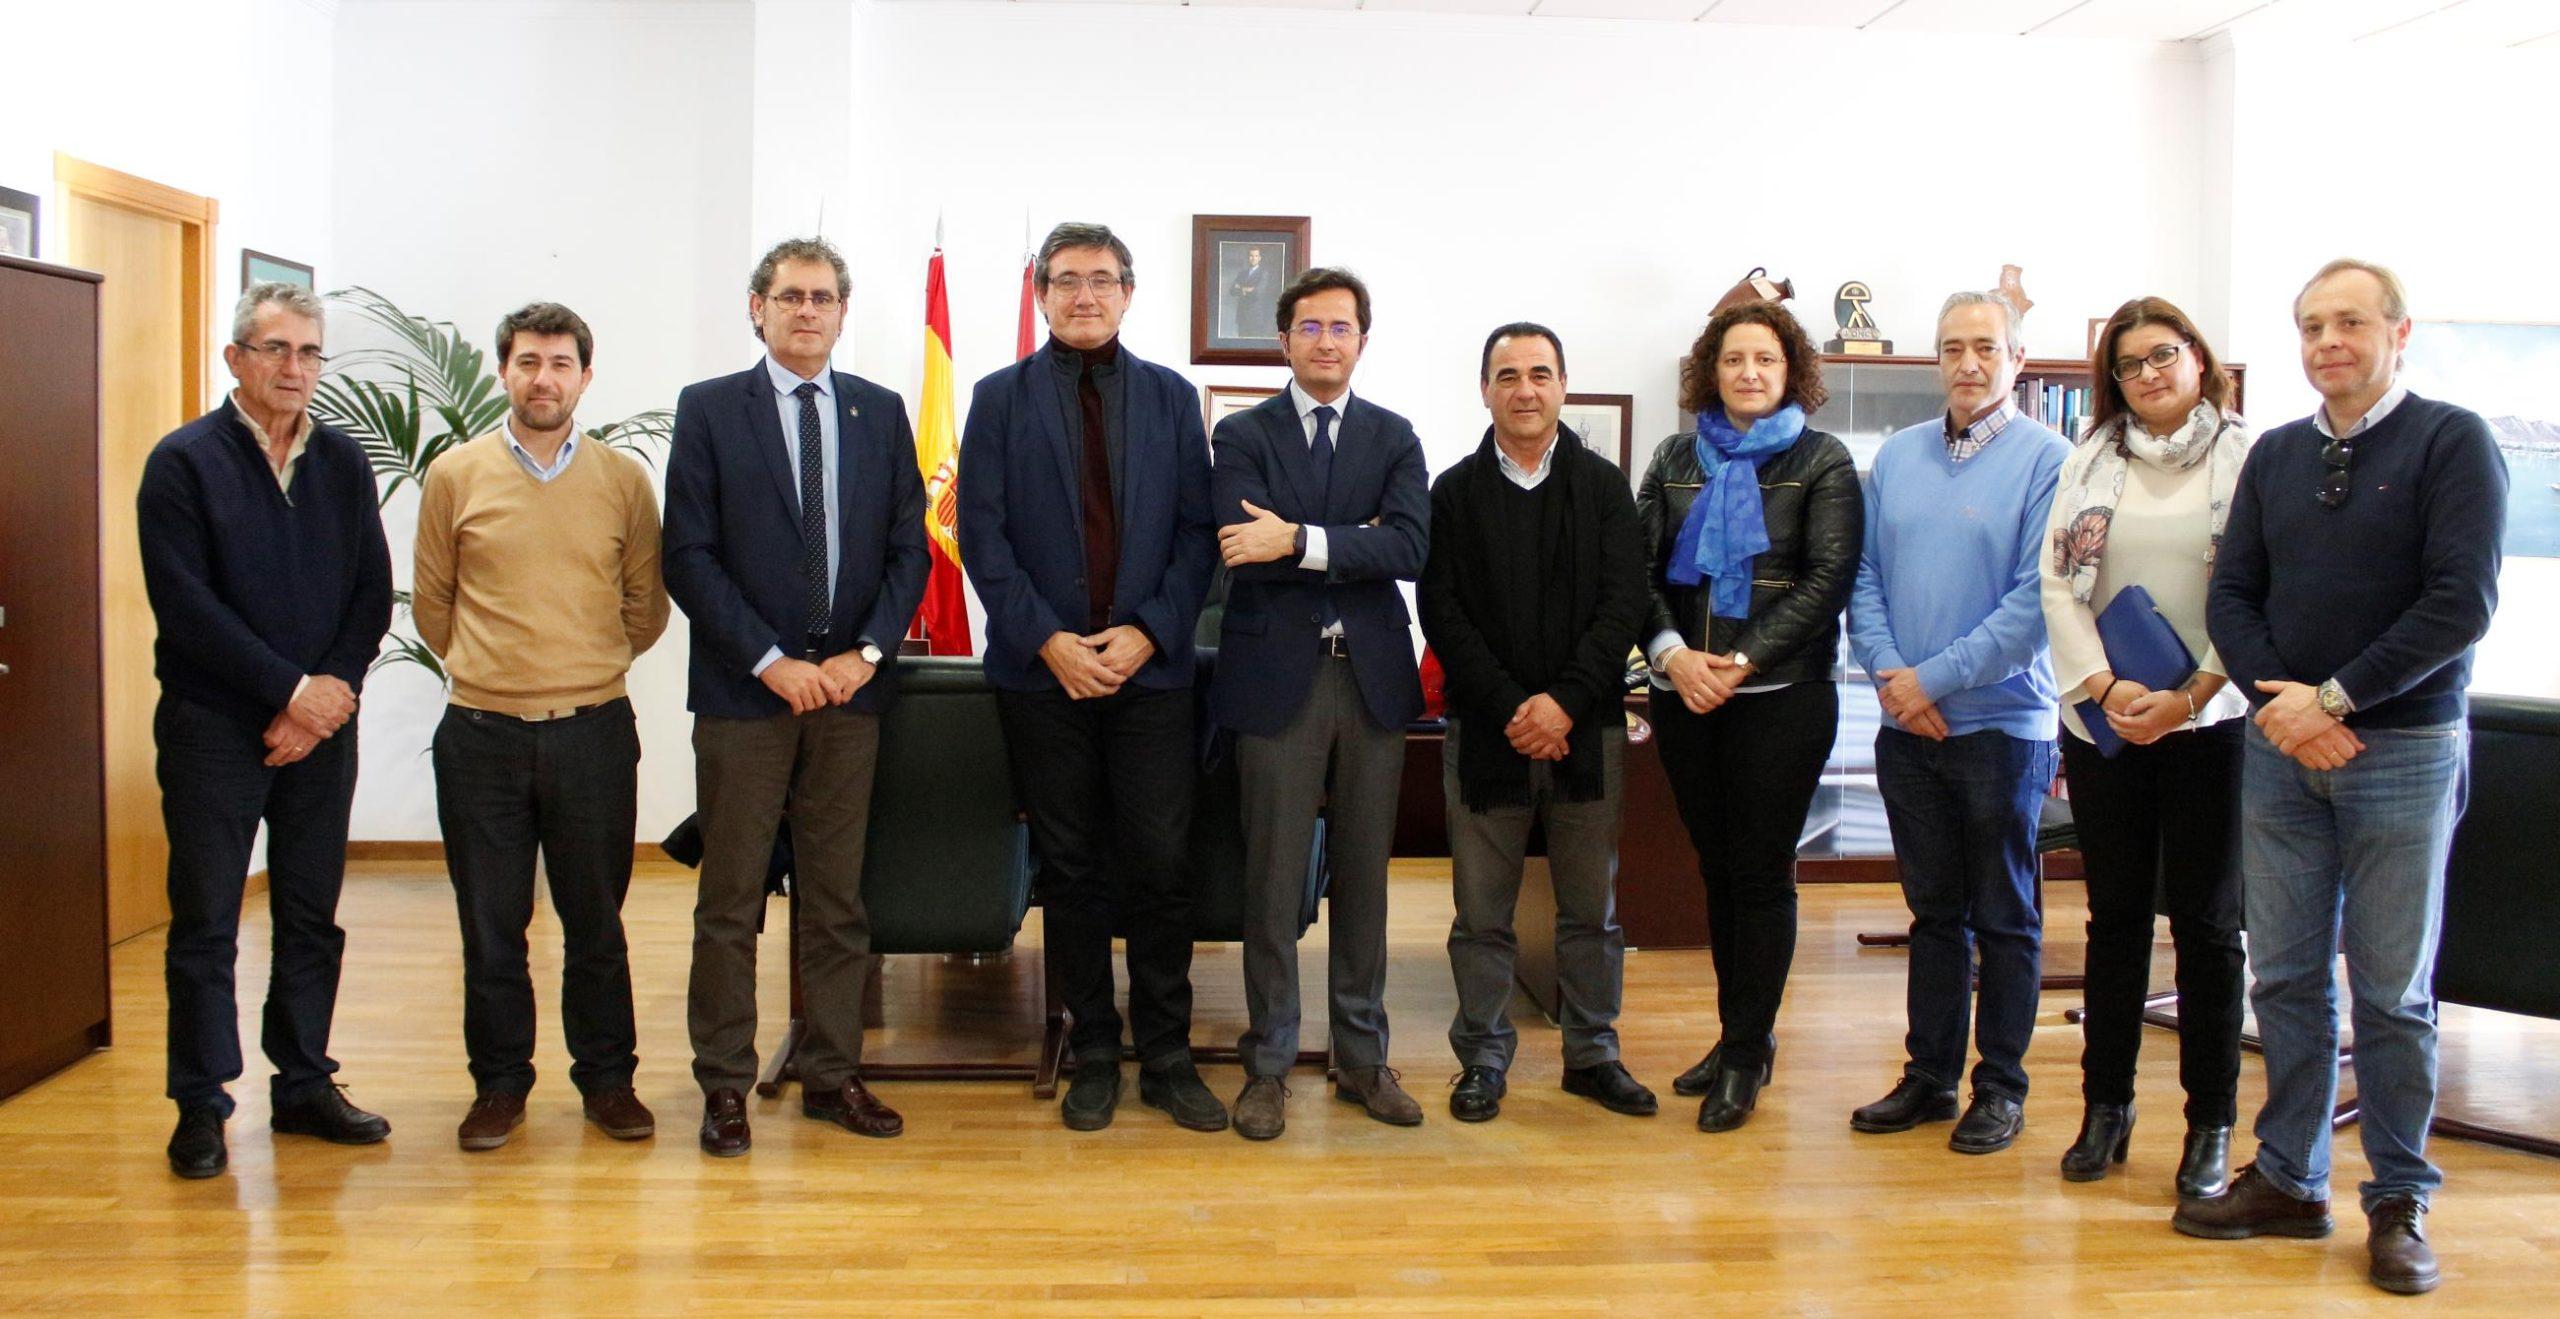 Alcaldes del Poniente aúnan esfuerzos para defender las particularidades de sus municipios en la revisión del POTPA